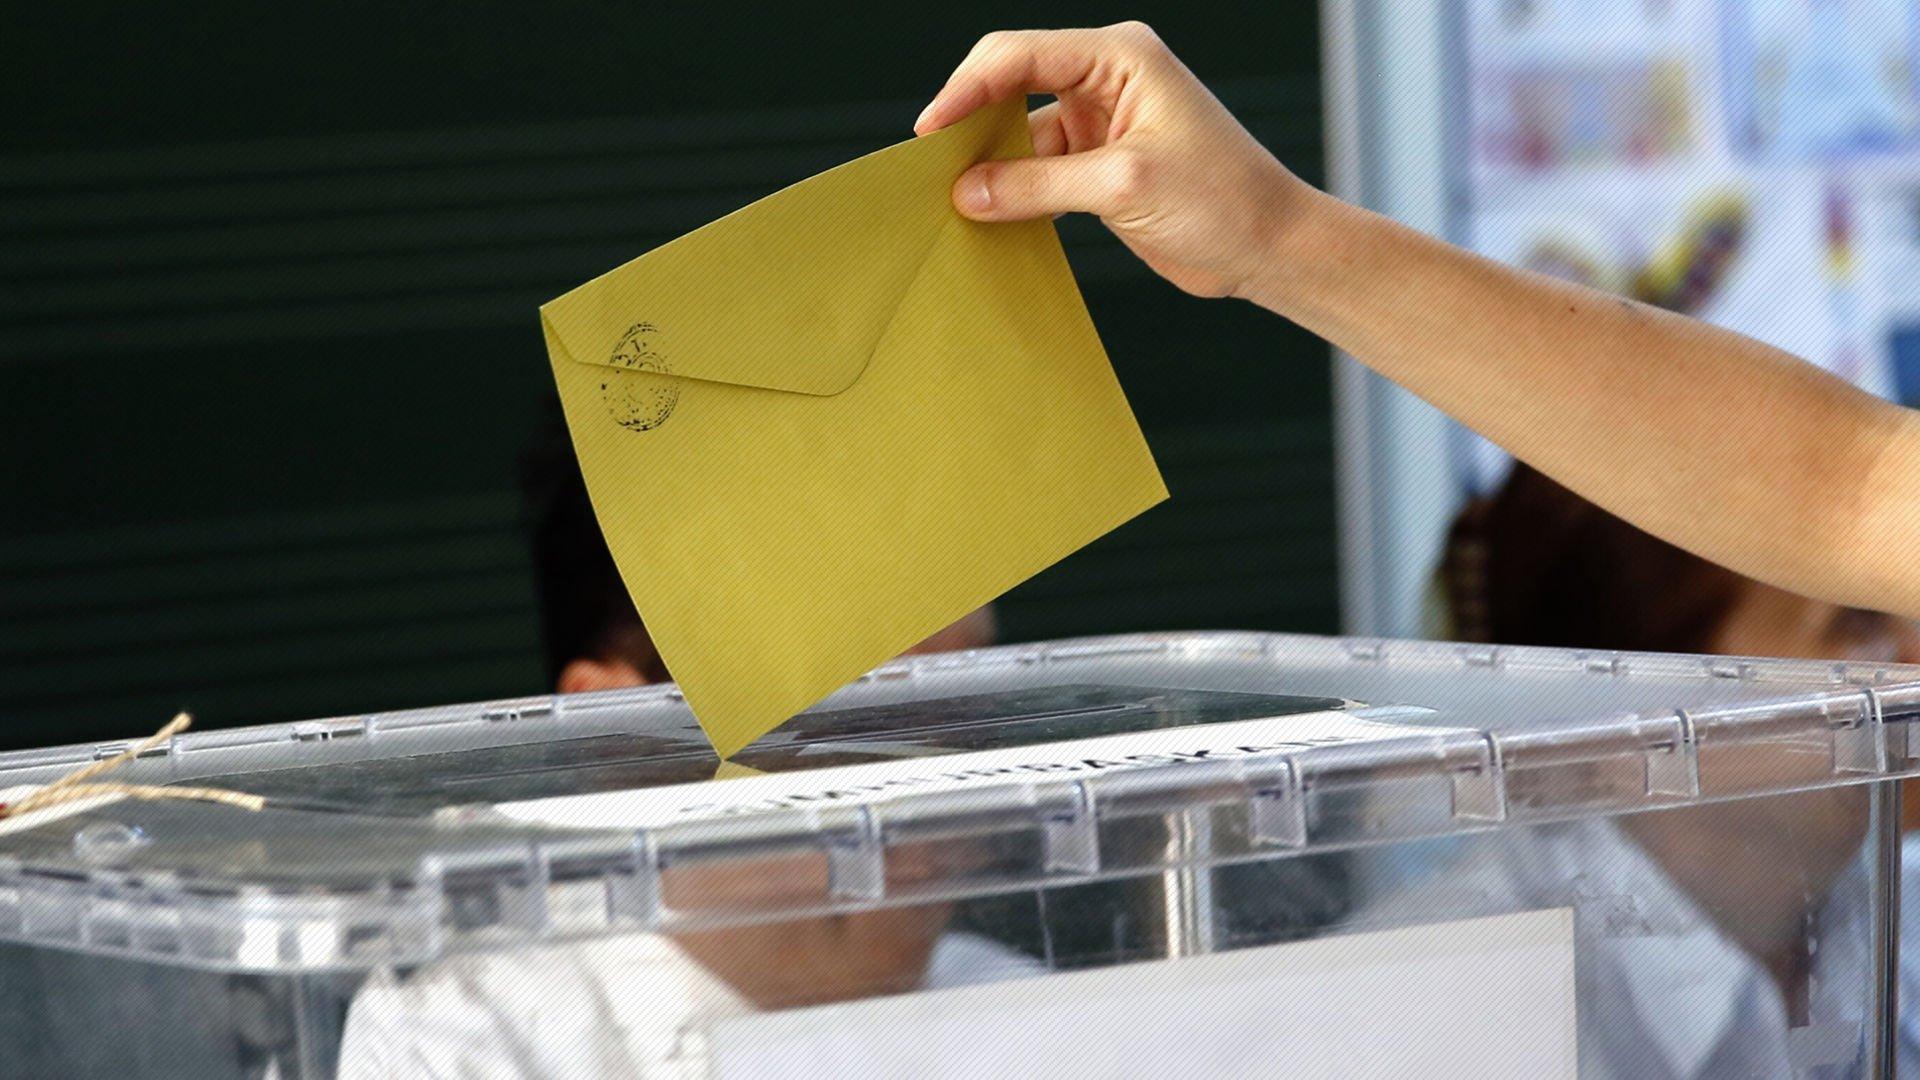 İYİ Parti 6 oyla kazanmıştı, seçim iptal edildi: Kırıkkale Keskin'de koltuğa AKP'li kayyum oturdu